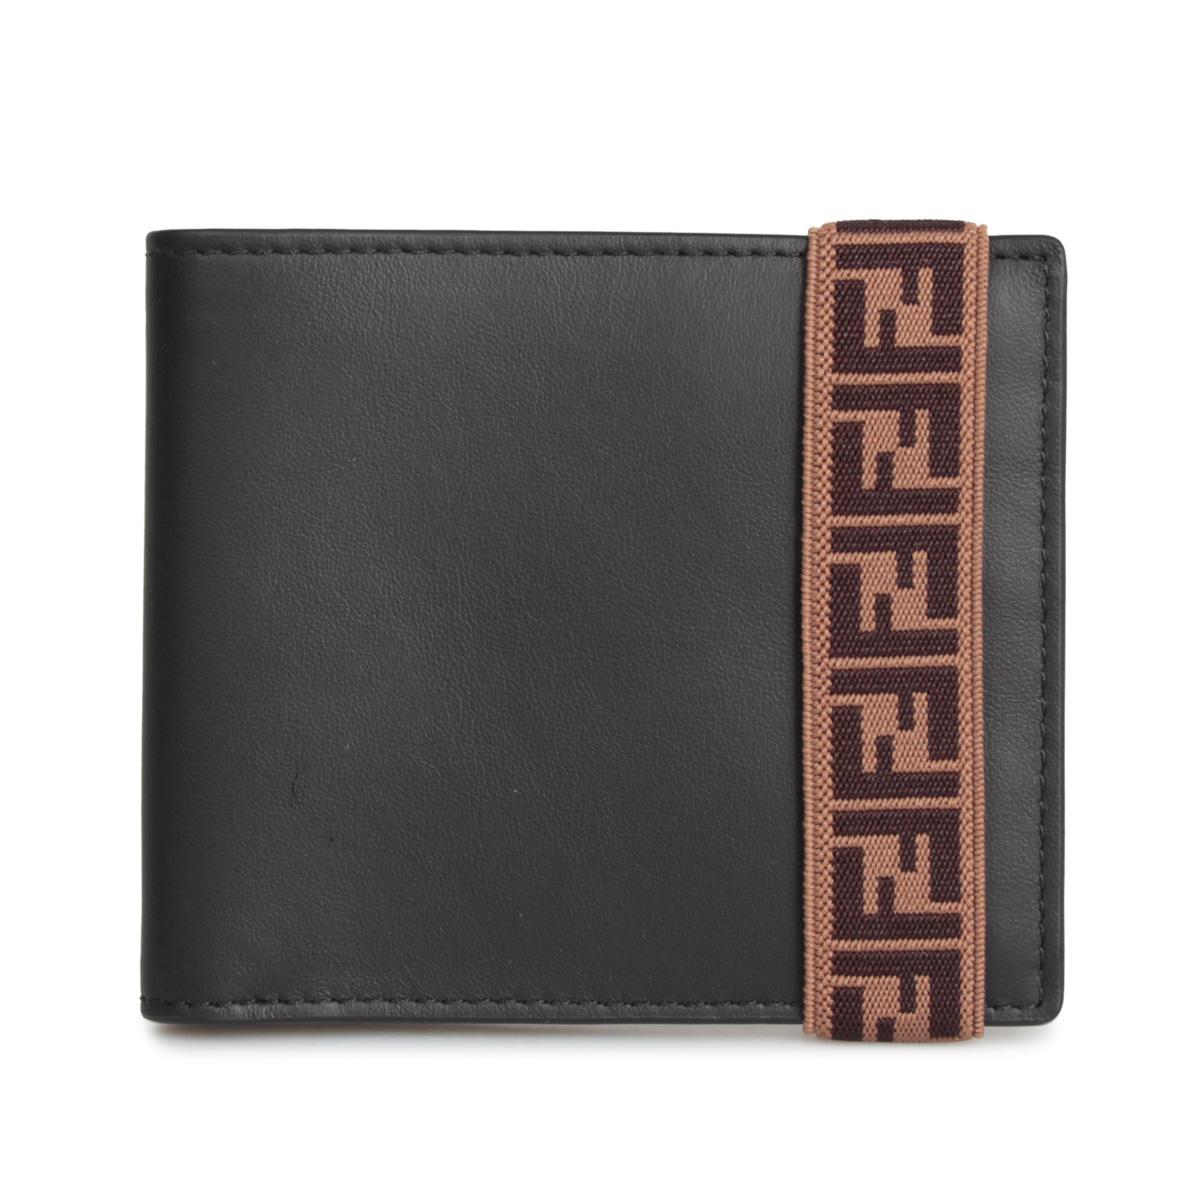 FENDI BI-FOLD WALLET フェンディ 財布 二つ折り メンズ ブラック 黒 7M0266 A8VC